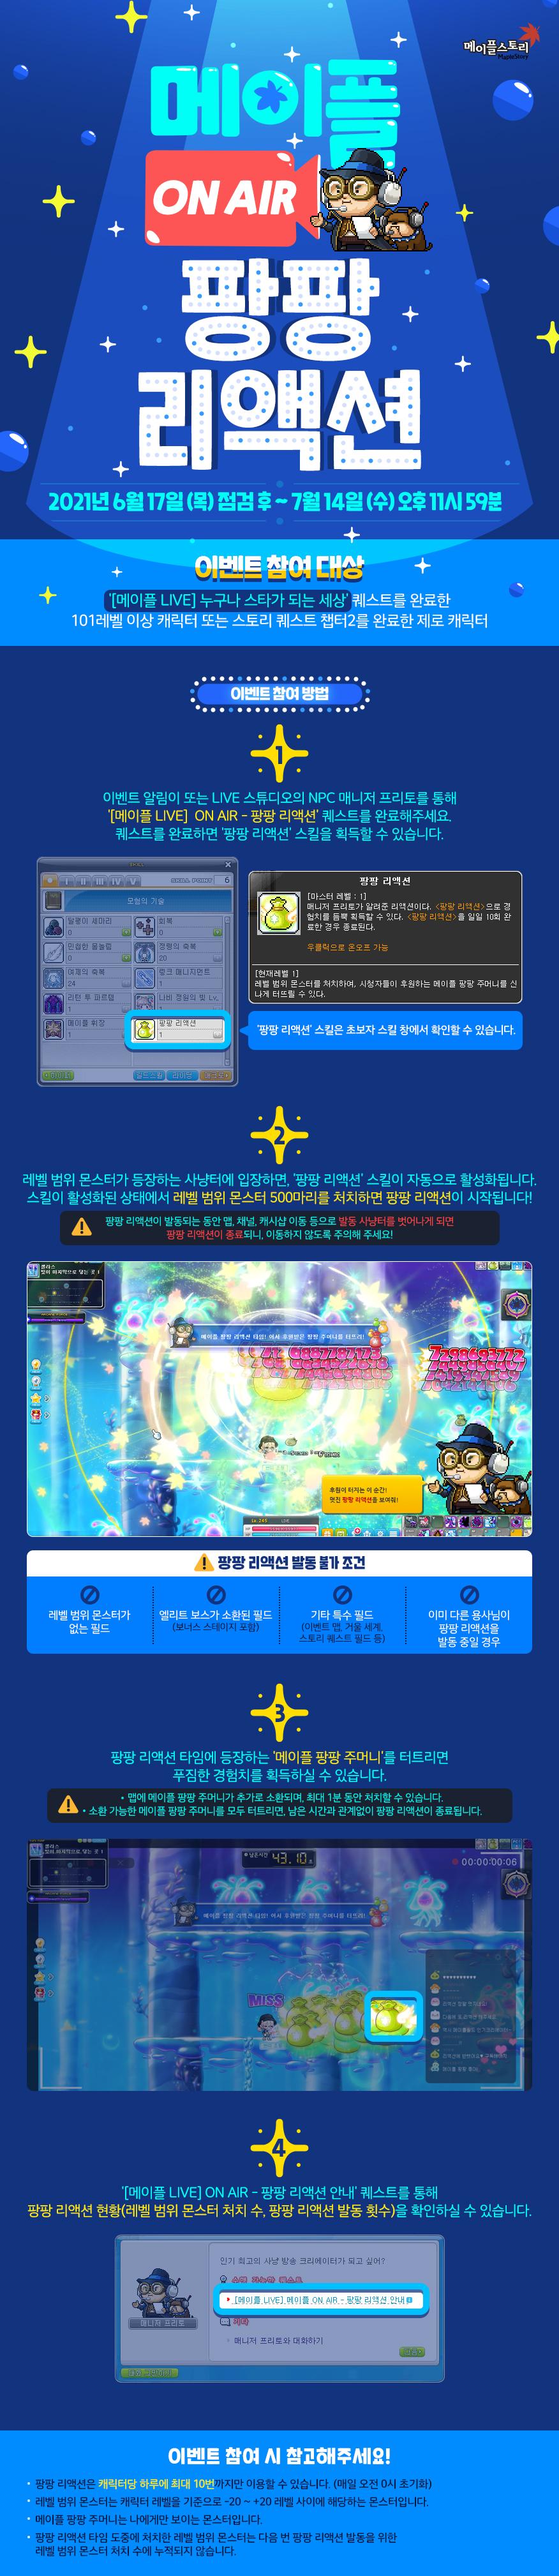 메이플 ON AIR - 팡팡 리액션